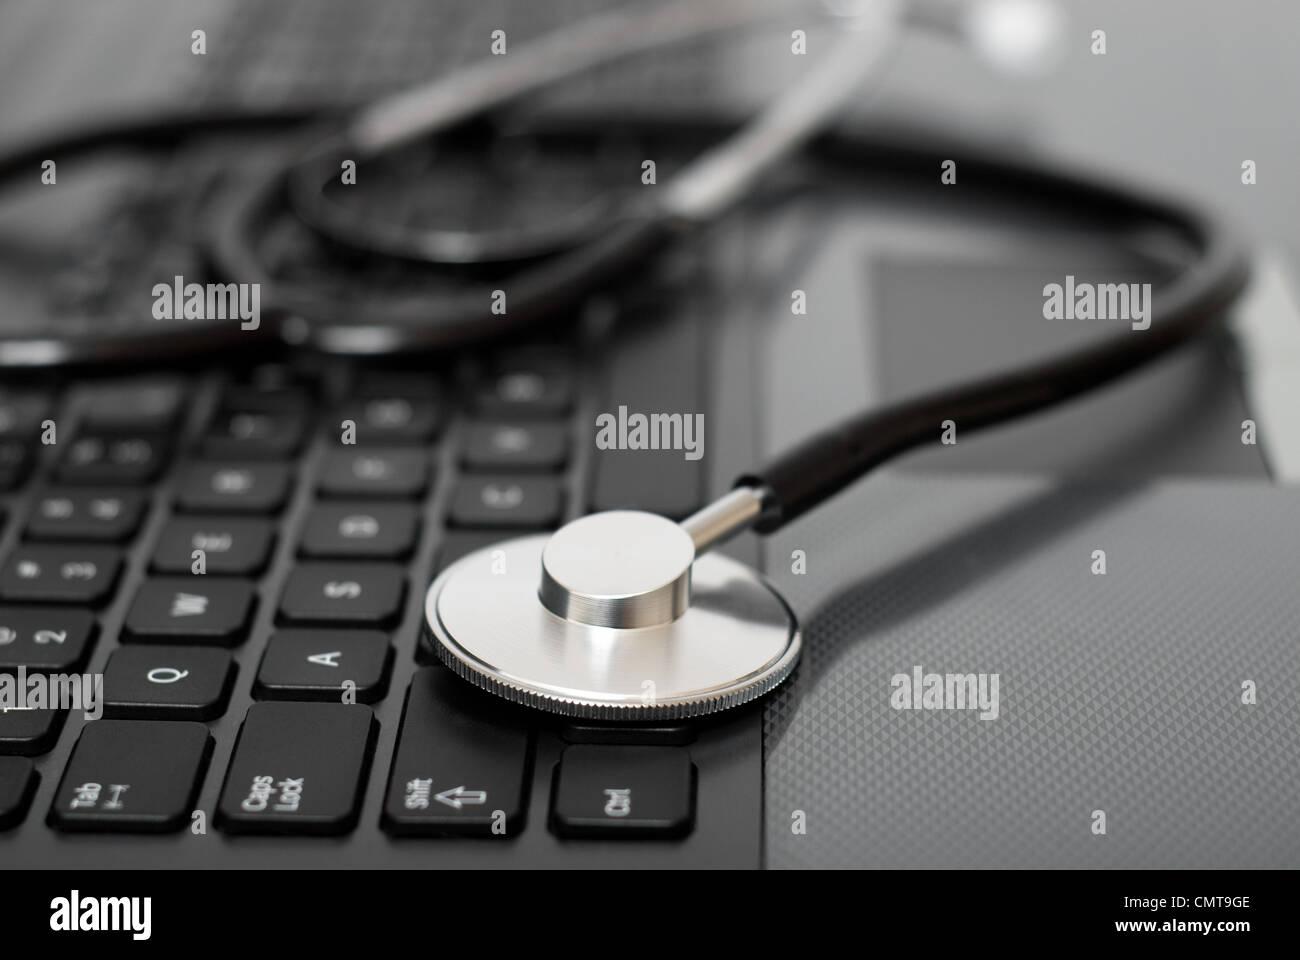 Stethoskop auf einer Computertastatur Stockbild